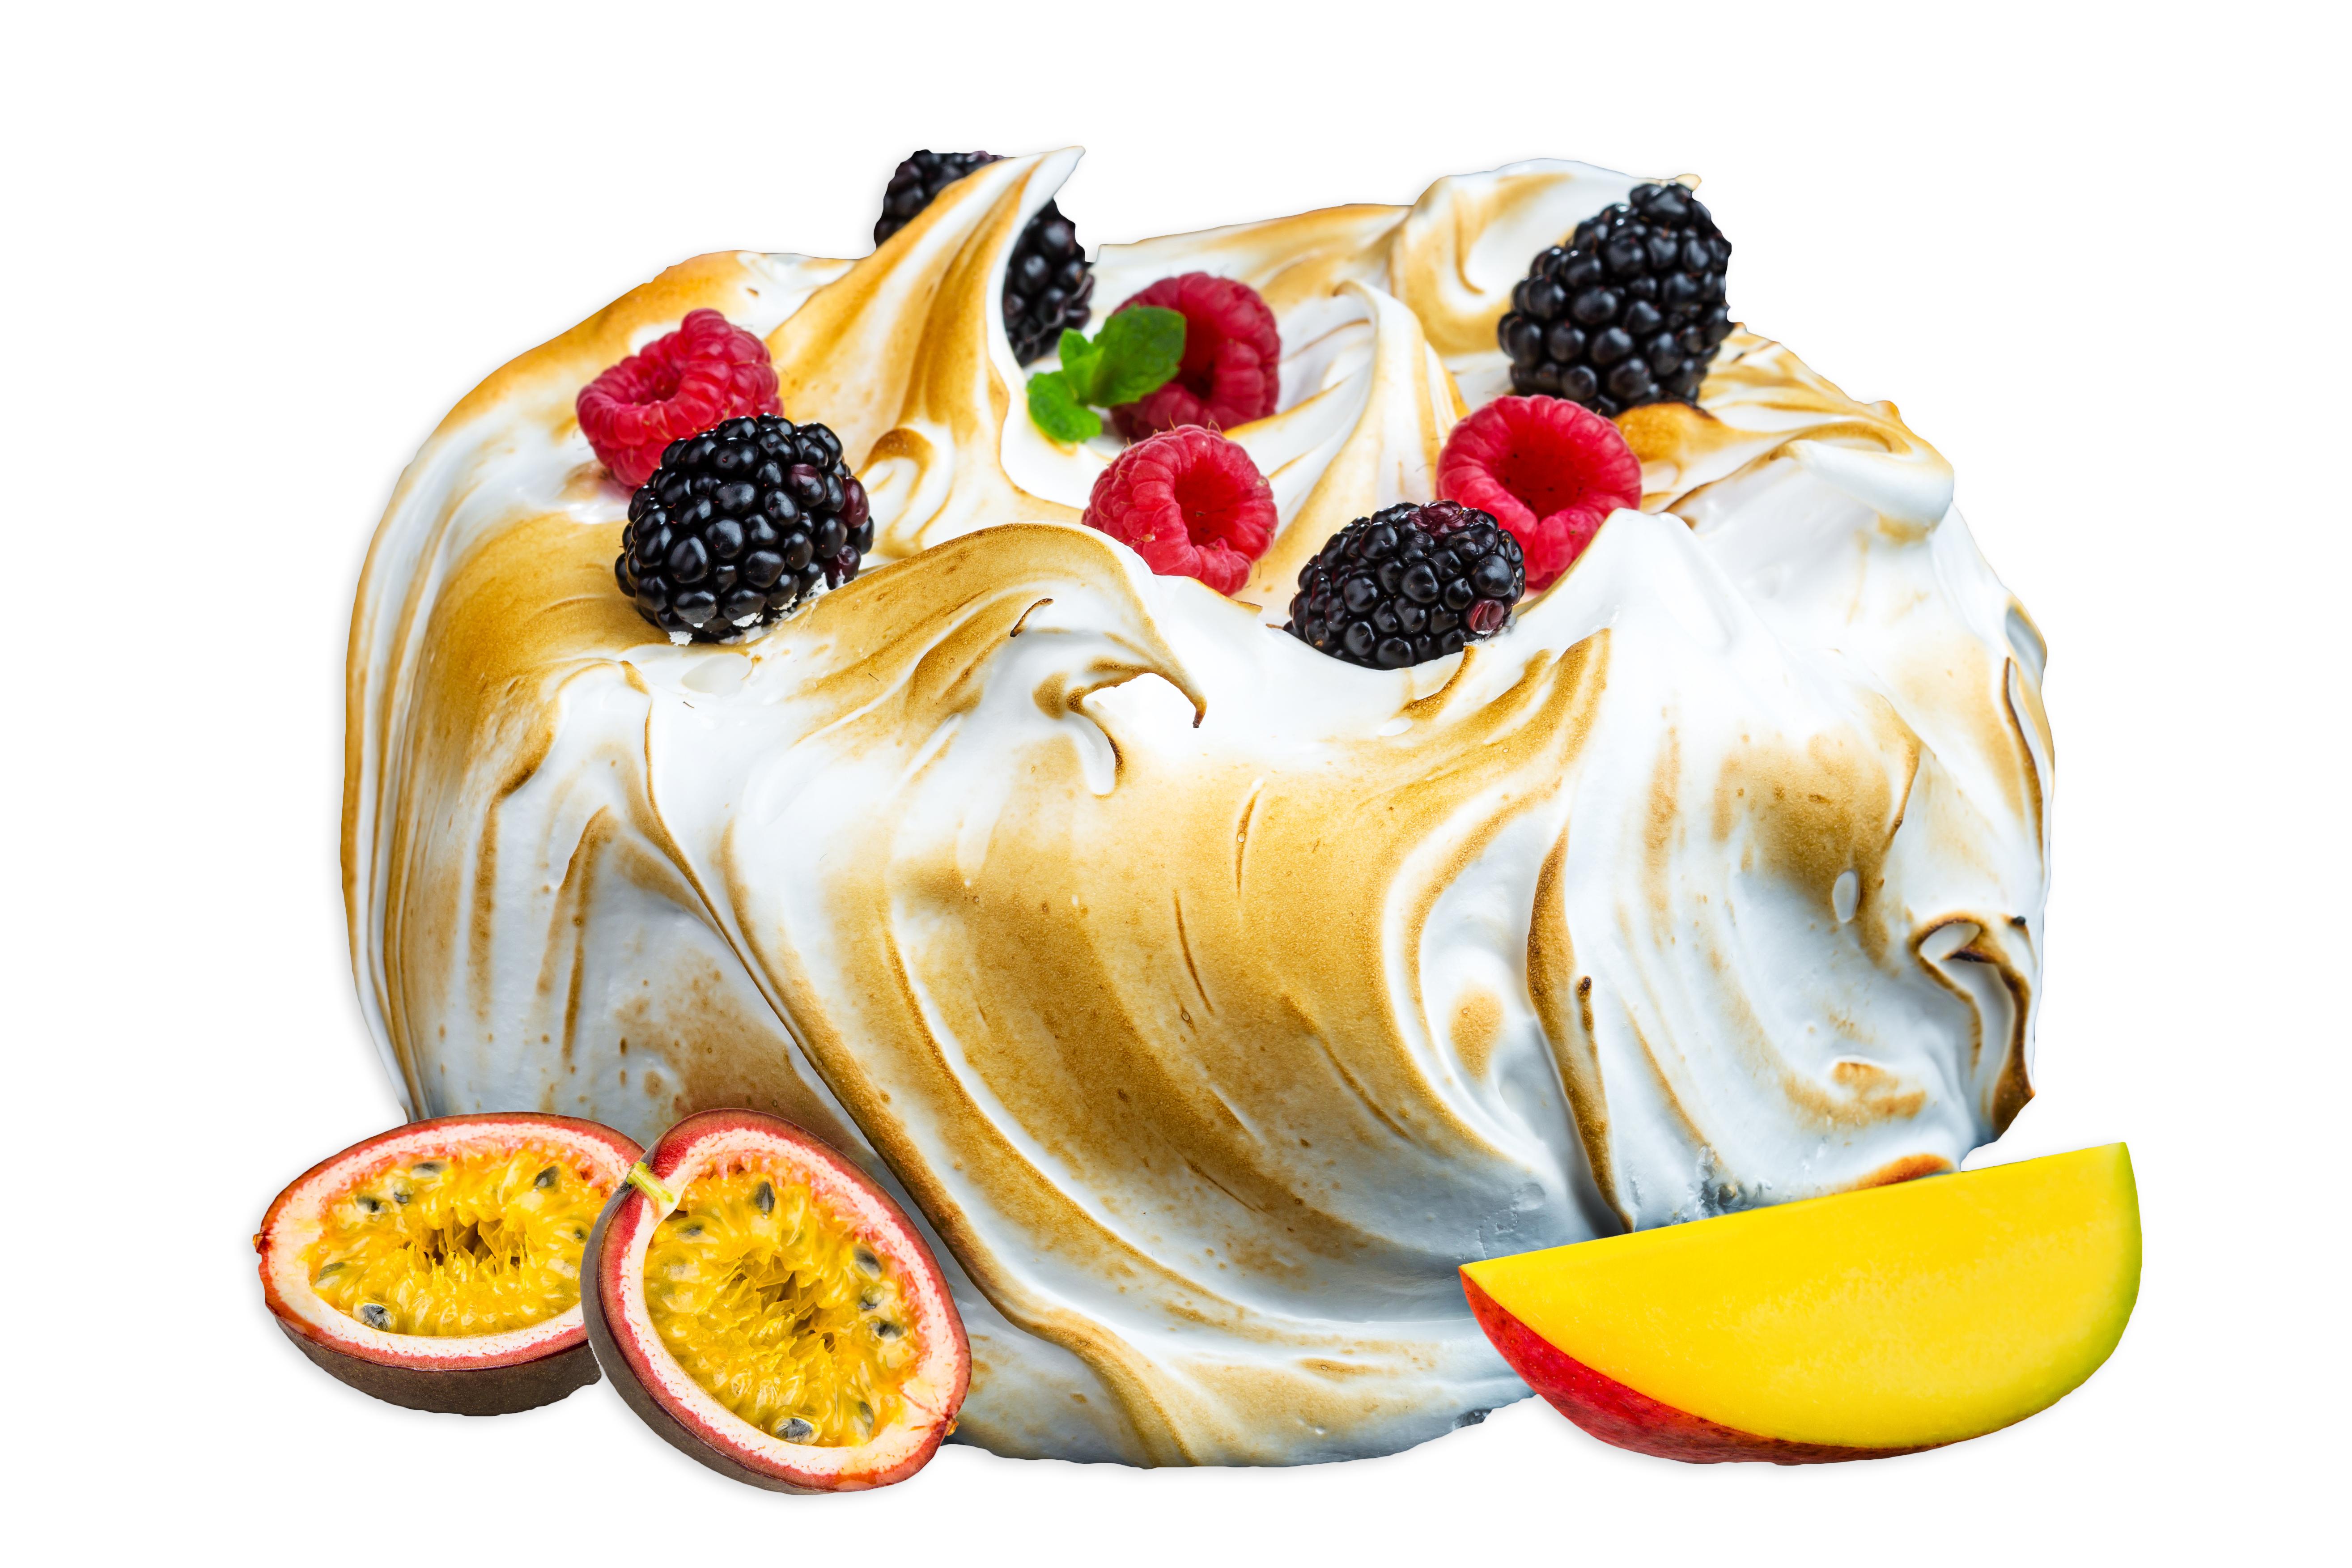 Торт манго-маракуйя с меренгой и ягодами целый